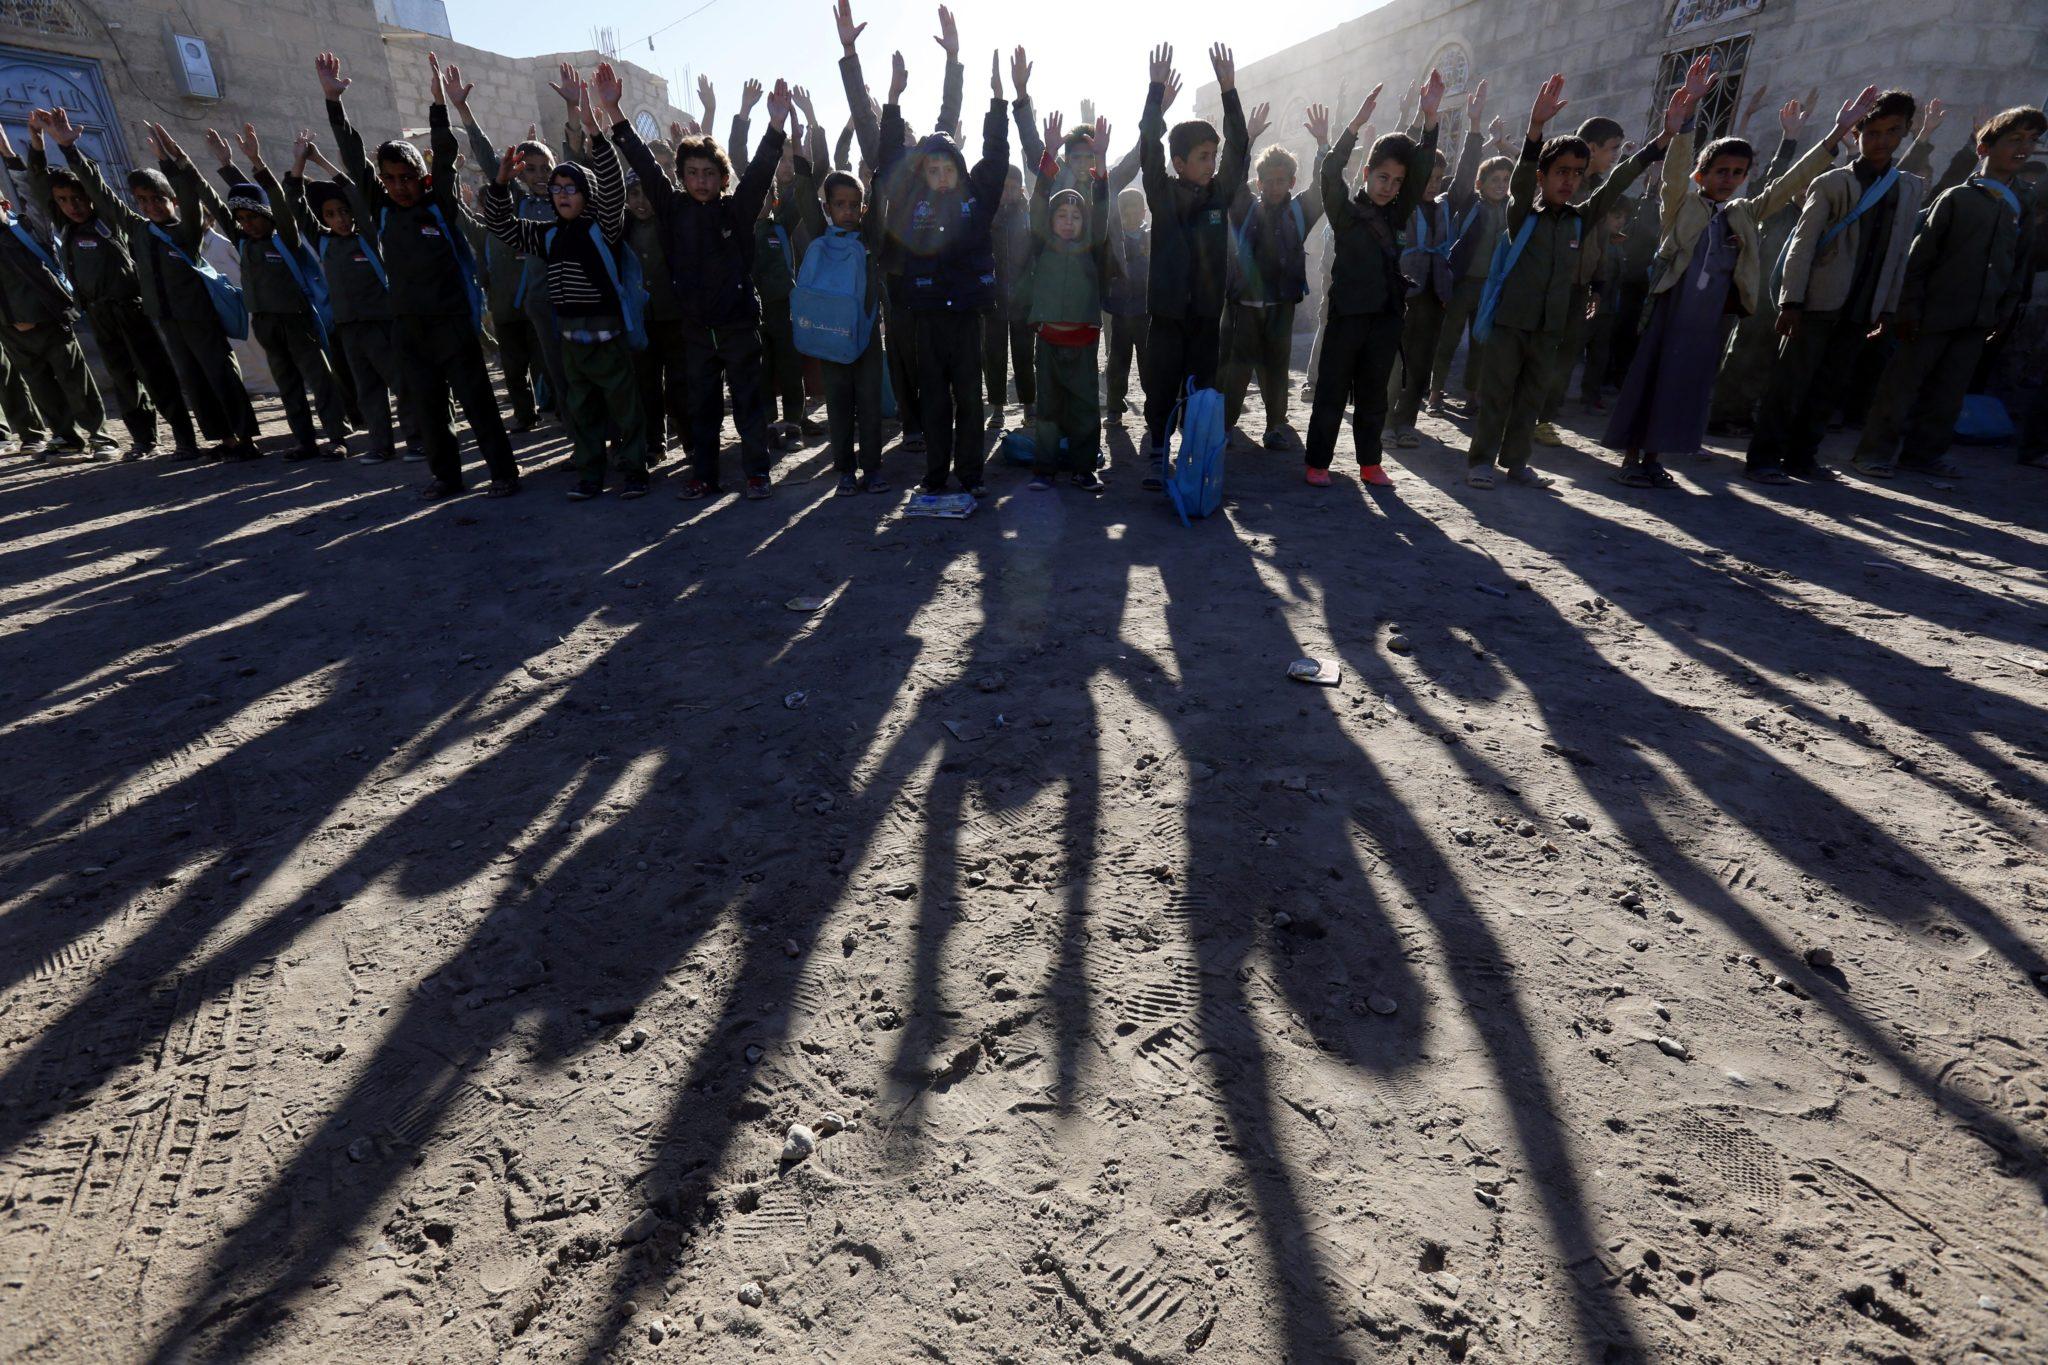 Yemen, Sana - dzieci czekają gromadzą się przed szkołą al-Sadaiq. Trwa strajk nauczycieli w stolicy kraju. Kryzys edukacyjny jest spowodowany niewypłacaniem pensji ponad 300tys. nauczycielom przez ponad rok. Pomimo tego kryzysu szkoły funkcjonują (przez 2 godzinny dziennie), fot: Yahya Arhab, PAP/EPA